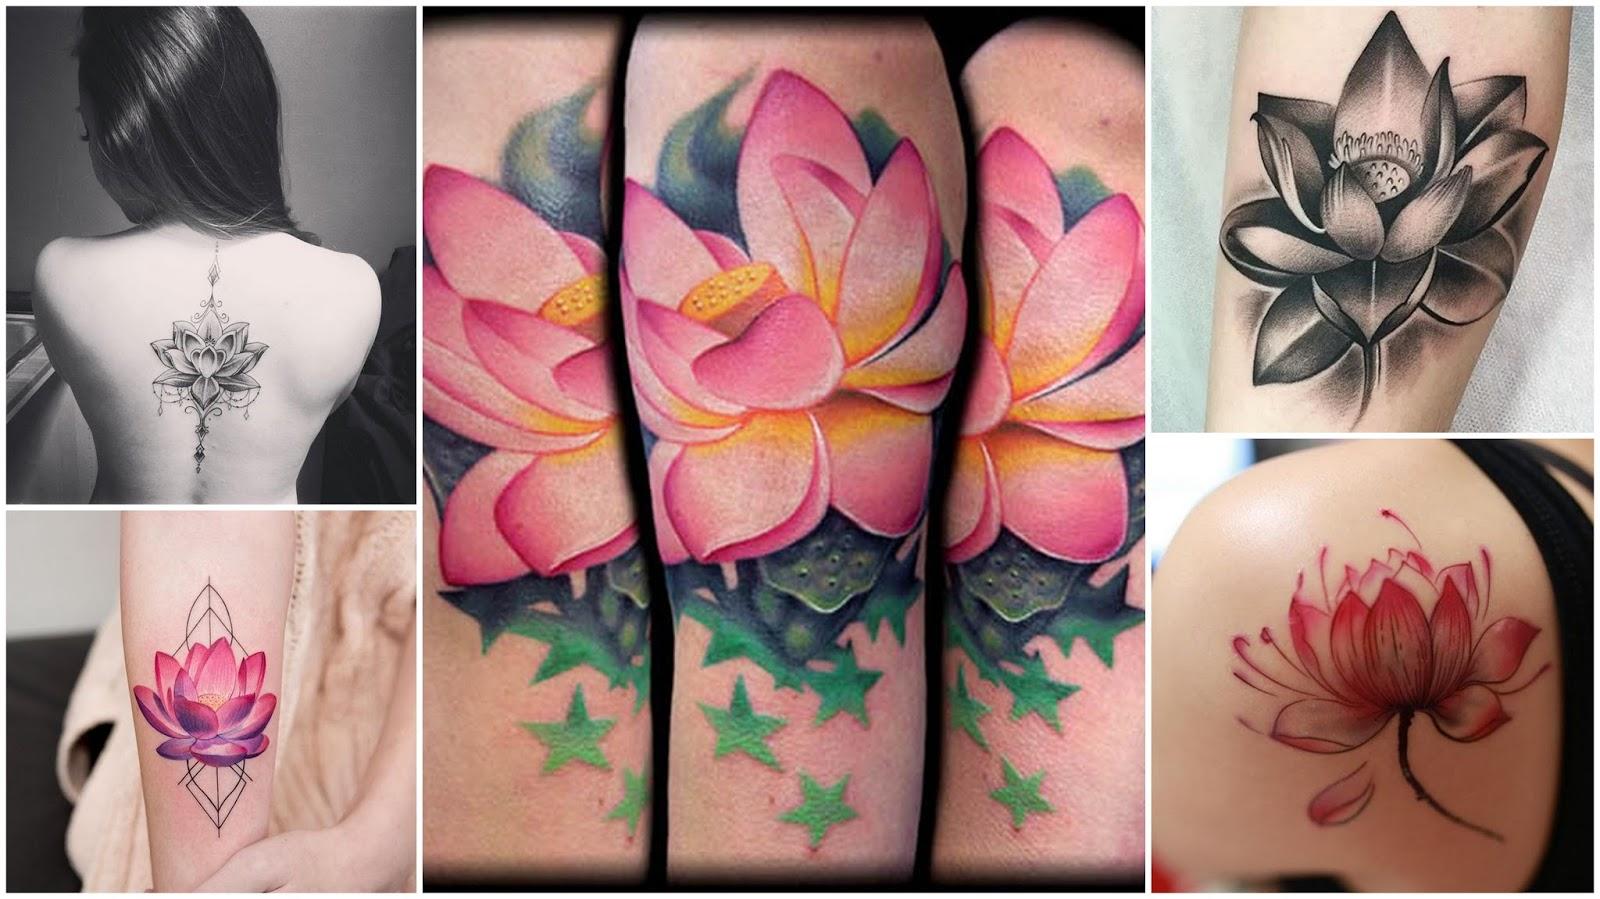 Dirio da ruiva tatuagens e seus significados uma das tatuagens tradicionais mais belas na minha humilde opinio geralmente quem tatua uma flor de ltus busca algo que simbolize sua relao com a thecheapjerseys Image collections